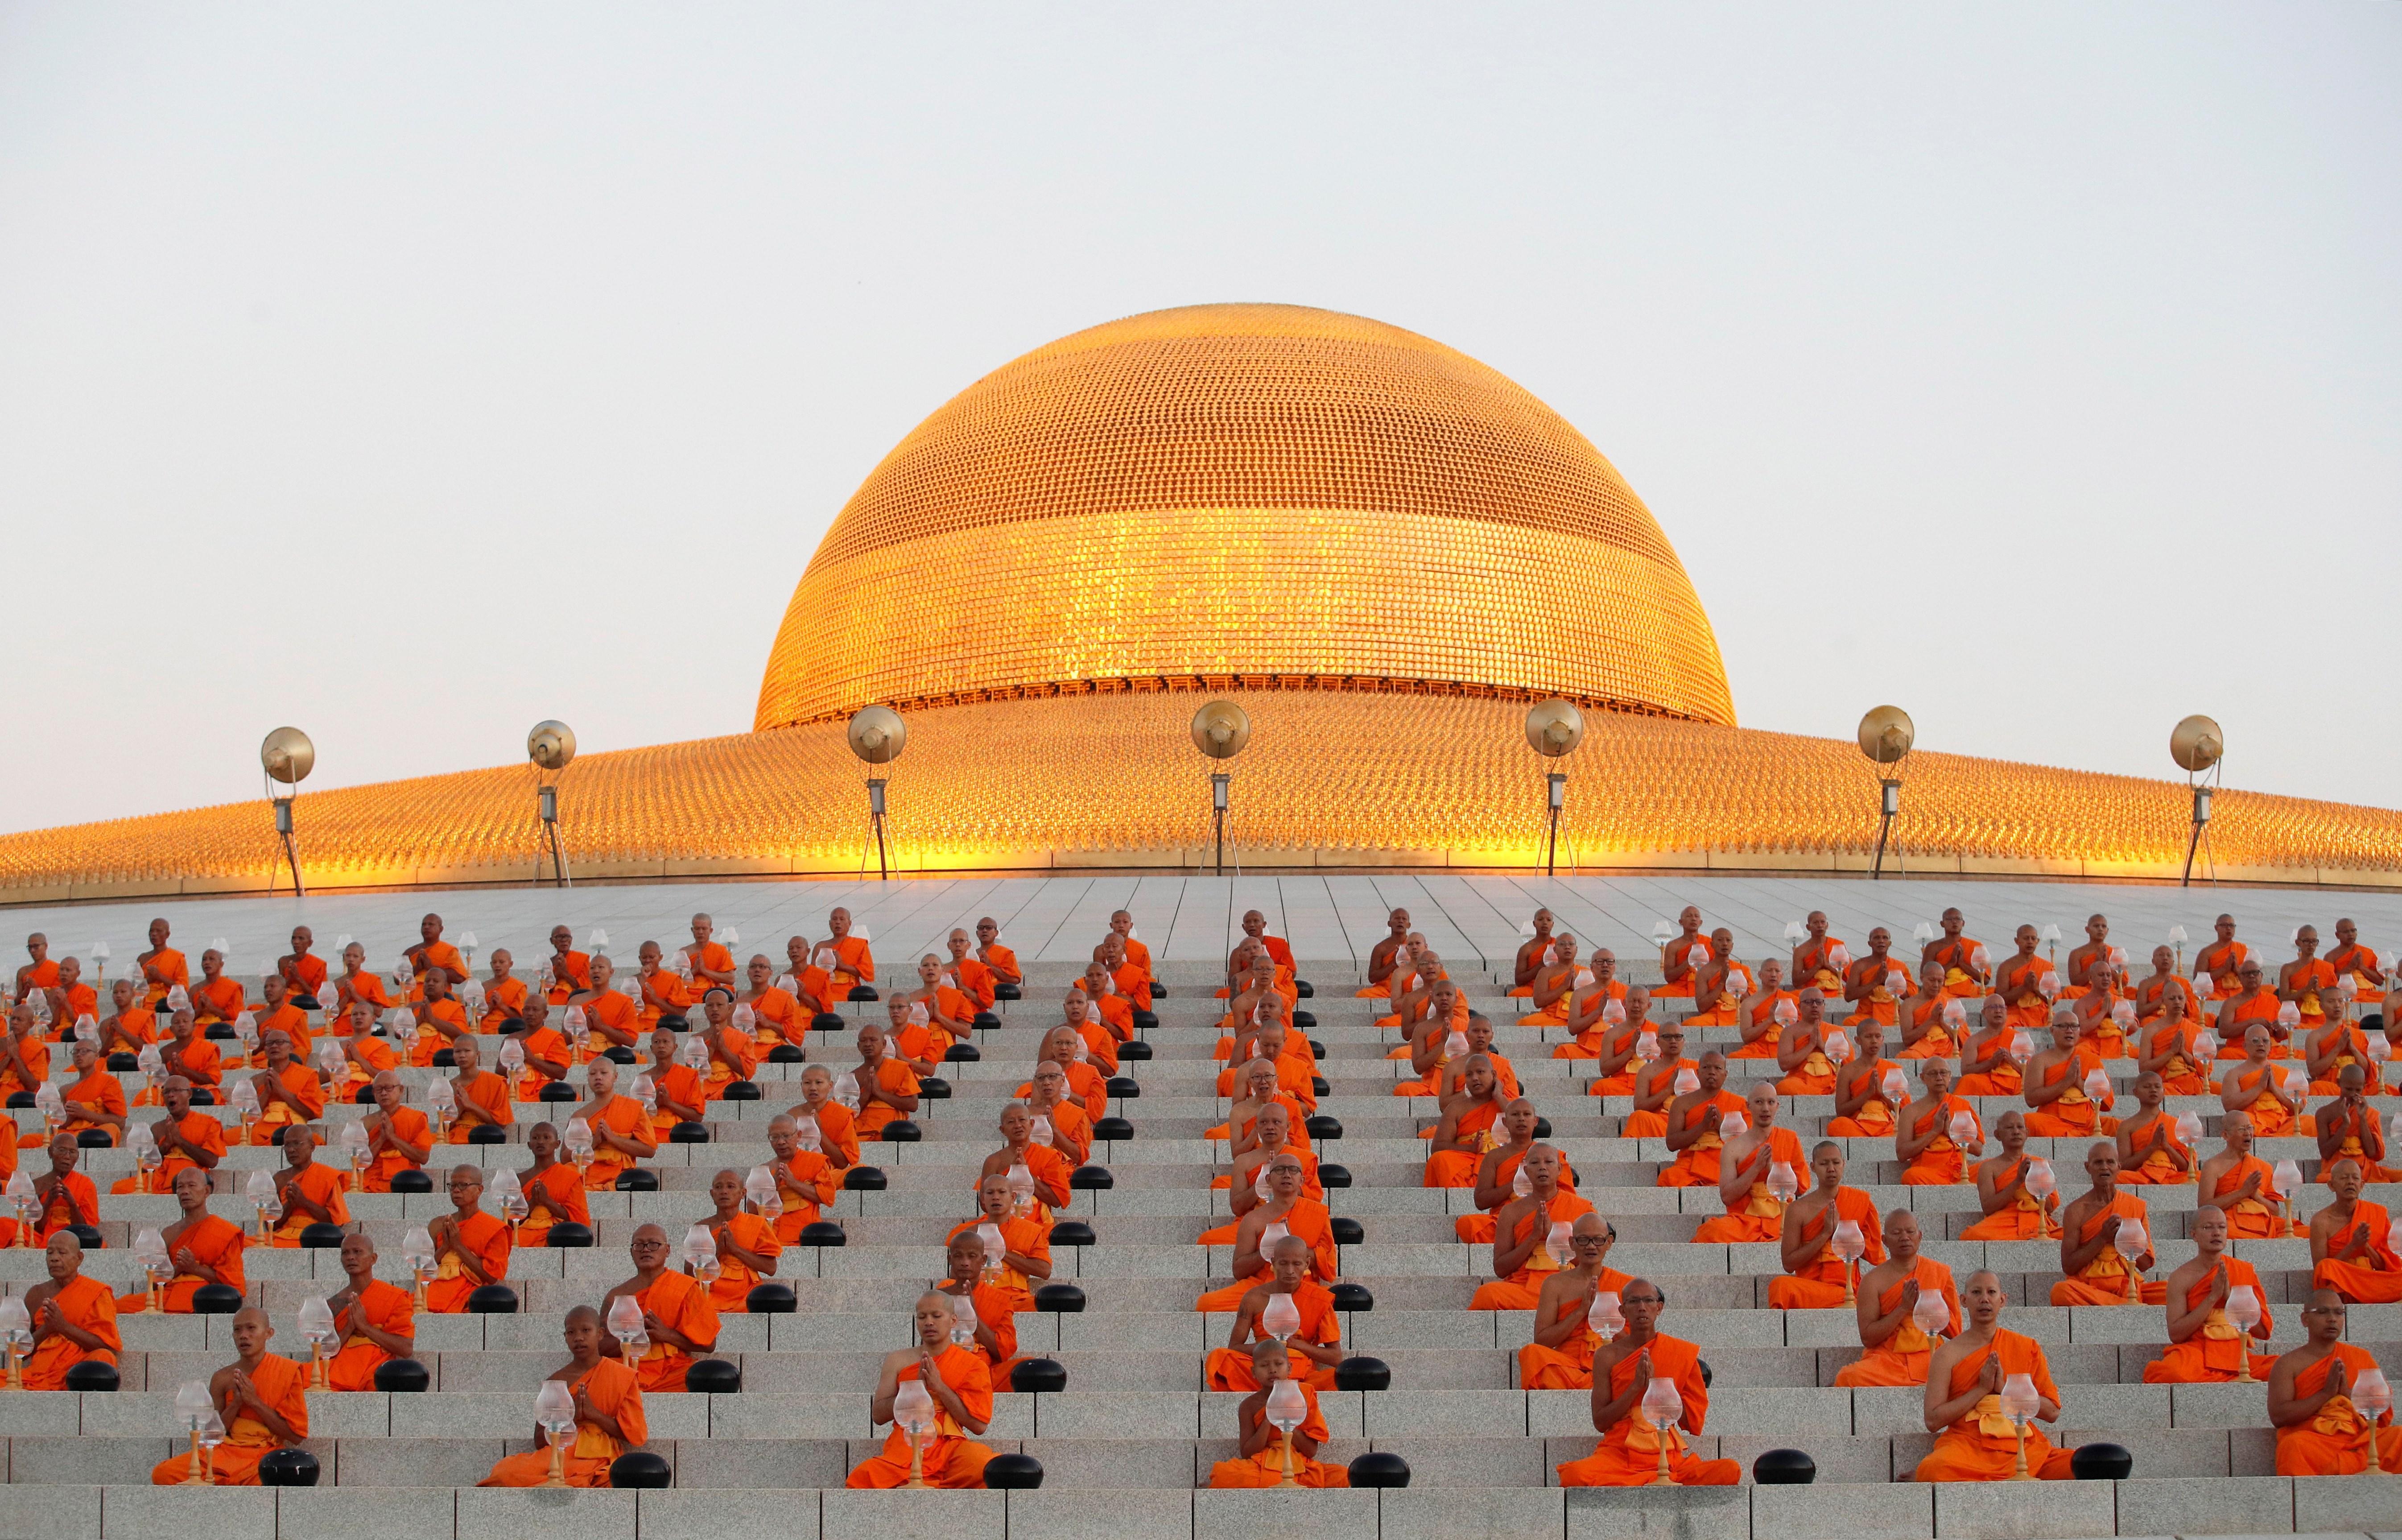 Monjes budistas rezan durante una ceremonia que conmemora el día del Magha Puja (Makha Bucha en tailandés) en el Templo Wat Phra Dhammakaya en la provincia de Pathum Thani en Tailandia. EFE